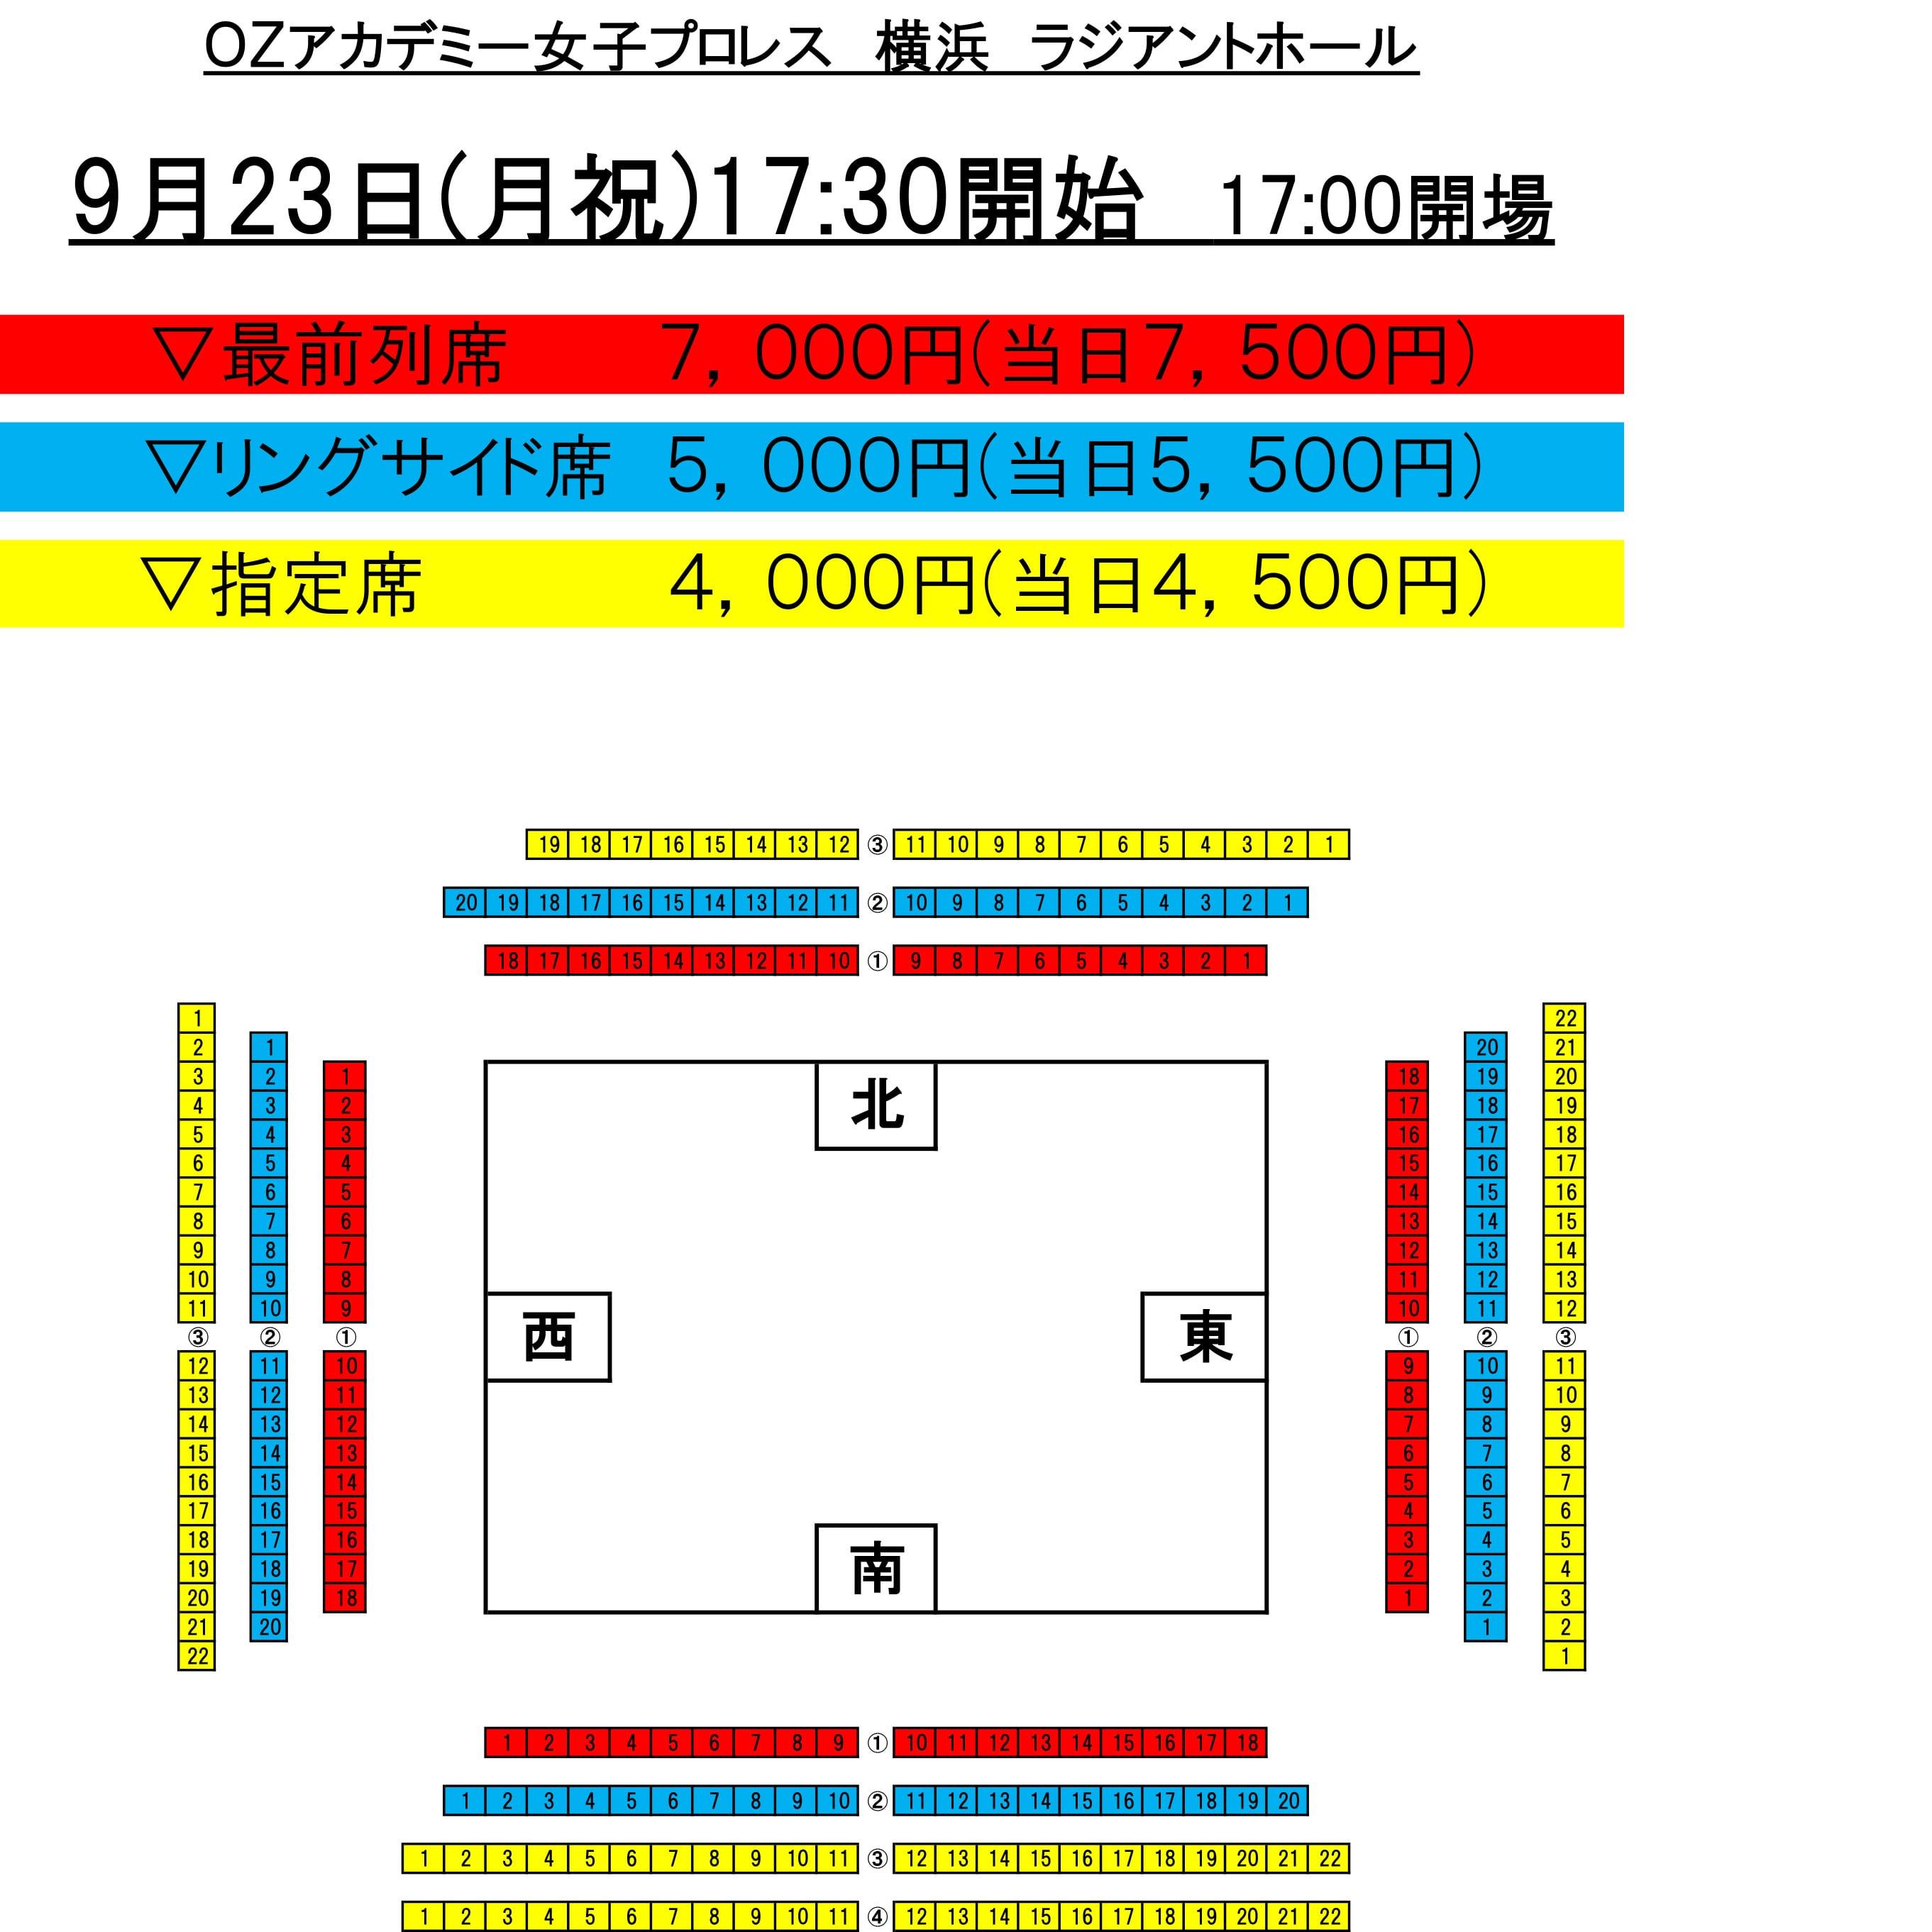 9月23日(月祝)横浜・ラジアントホール[最前列席]のイメージその2